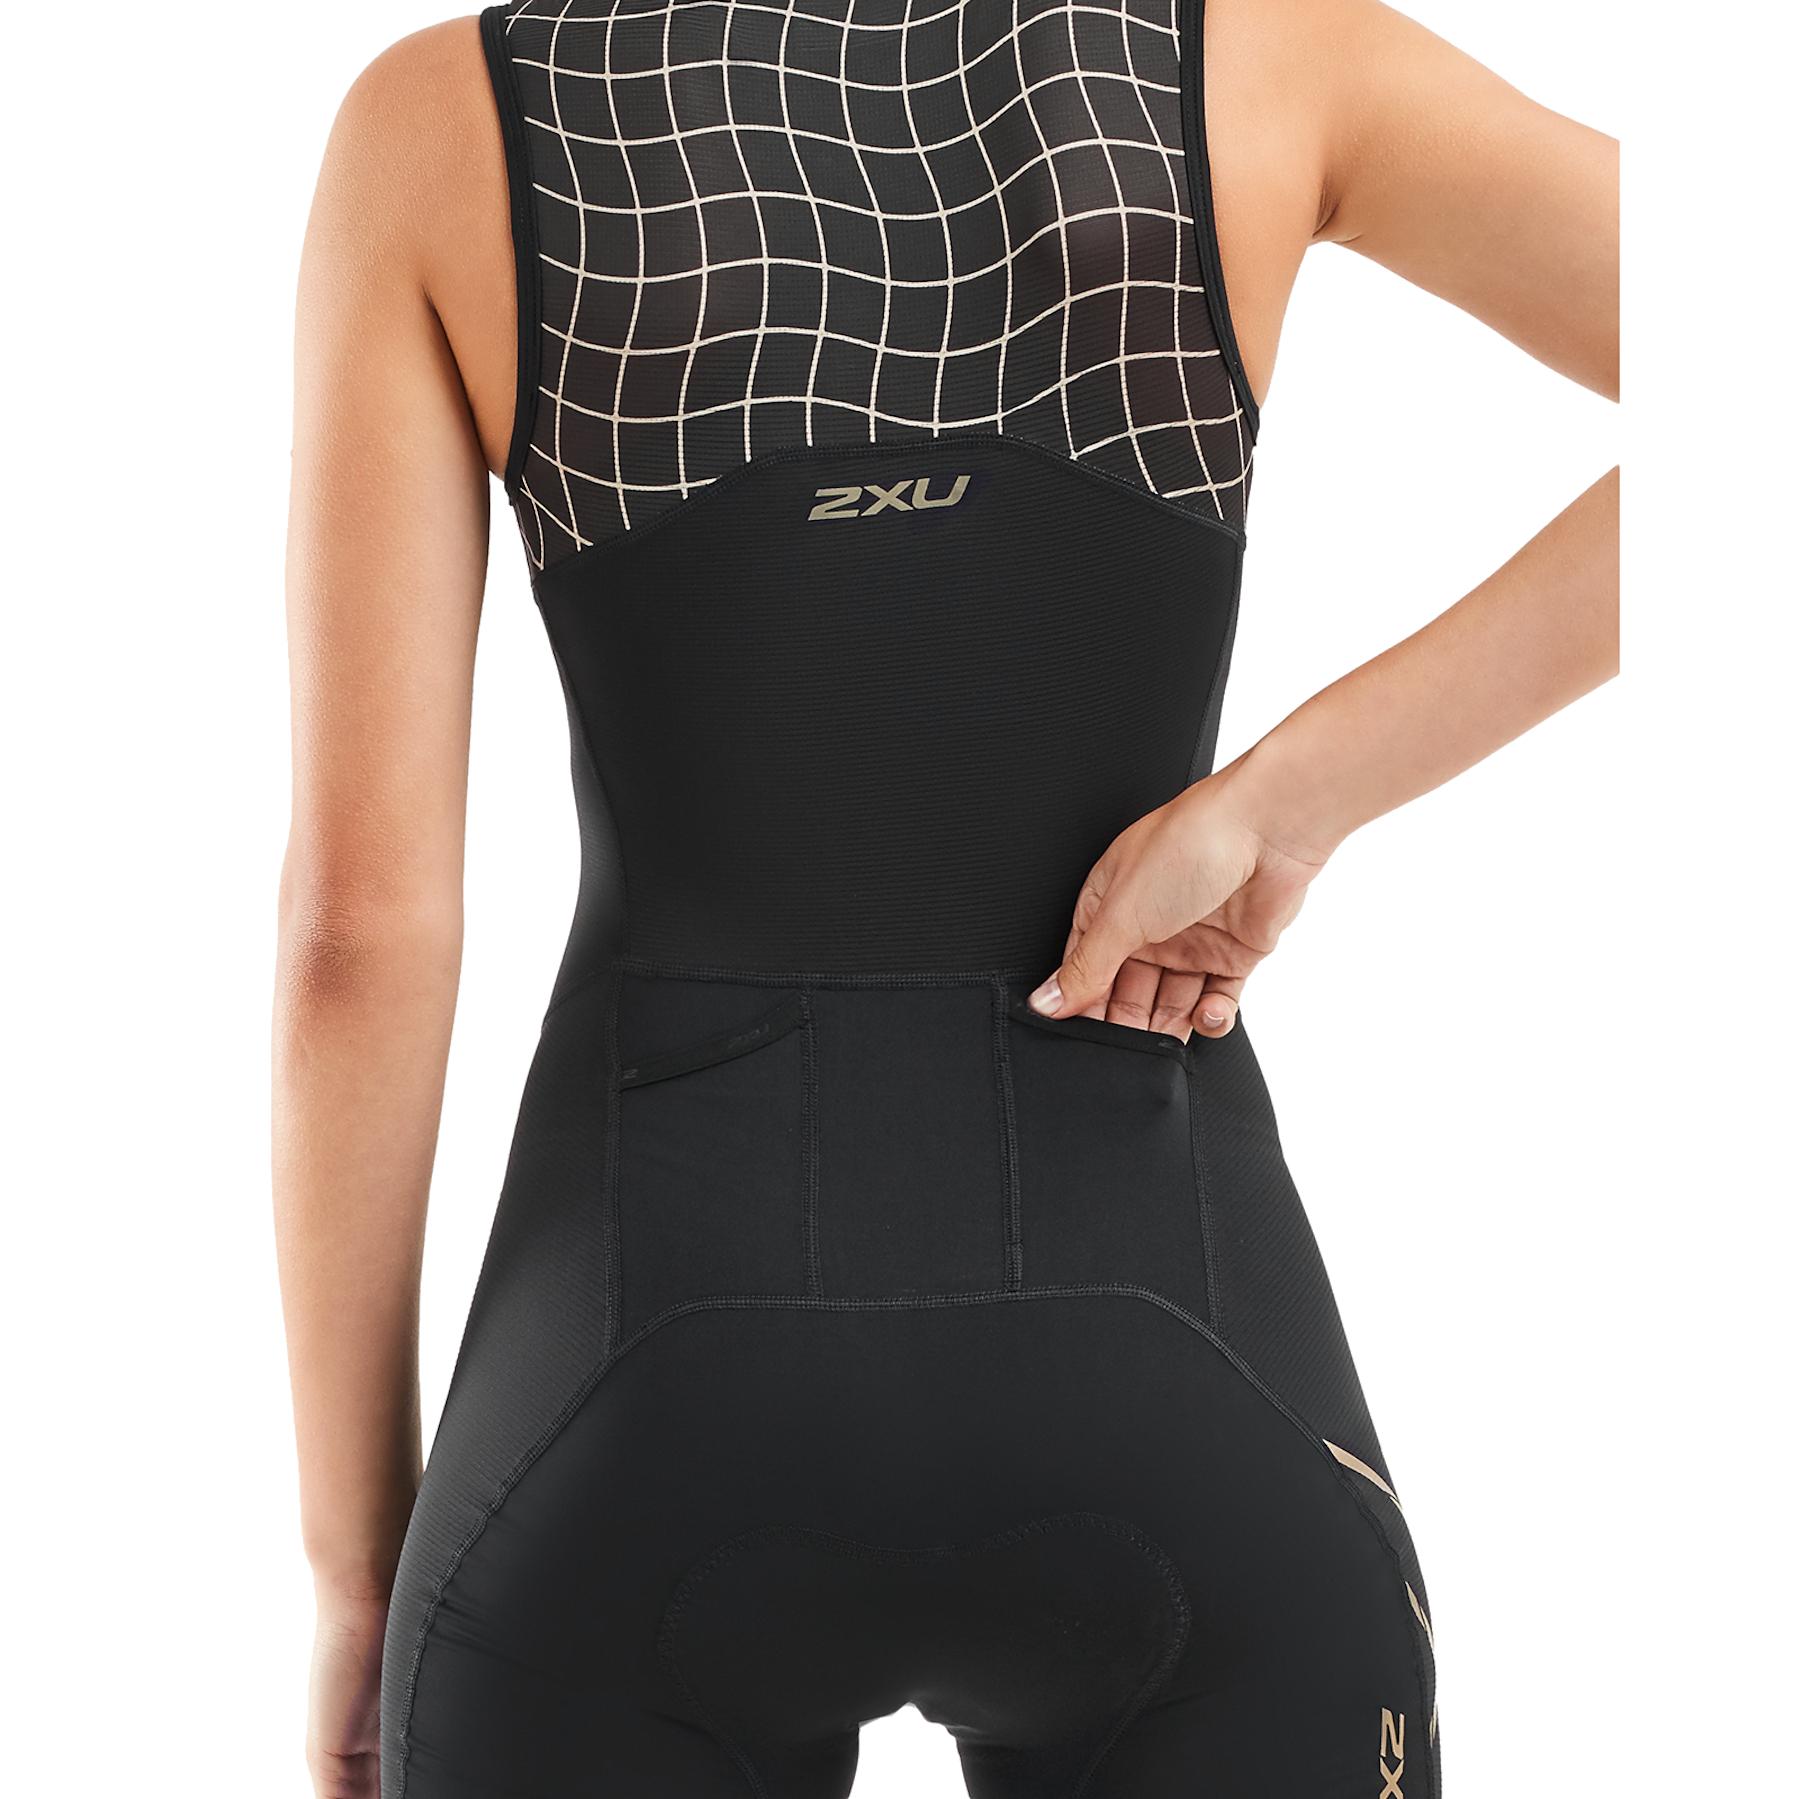 Imagen de 2XU Compression Women's Trisuit - black/gold